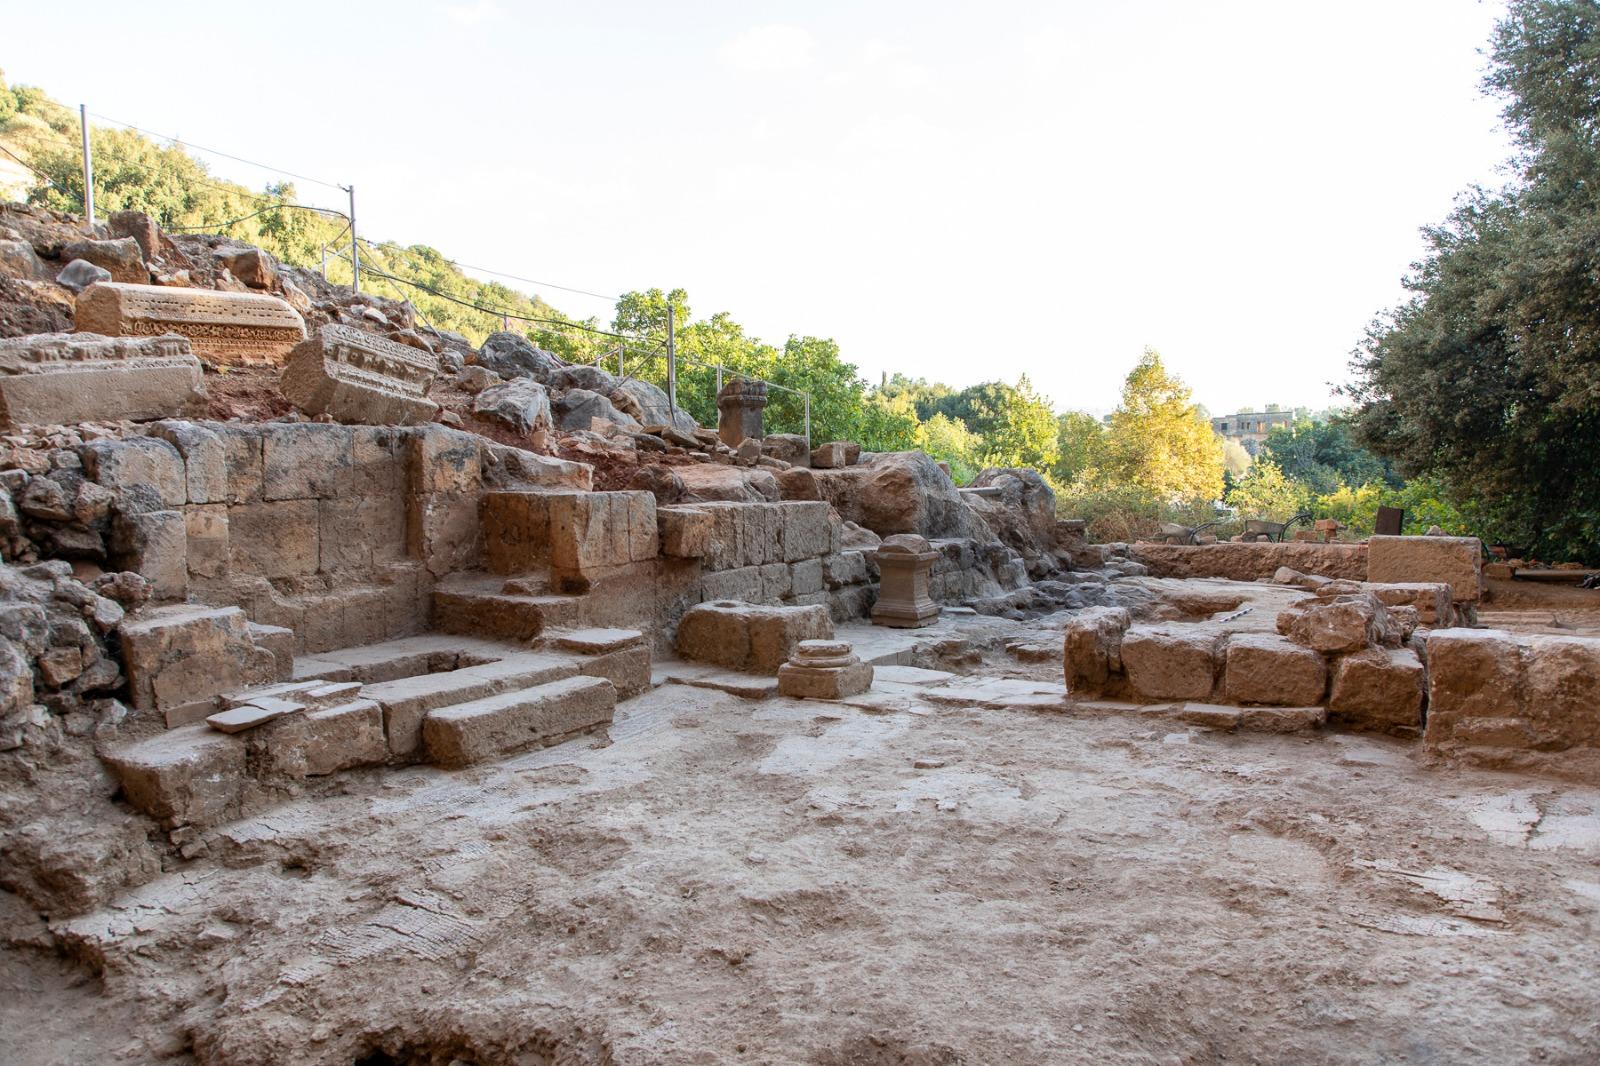 כנסייה מהתקופה הביזנטית שהוקמה על בסיס מקדש לאל היווני פאן התגלתה בשמורת מעיינות הבניאס